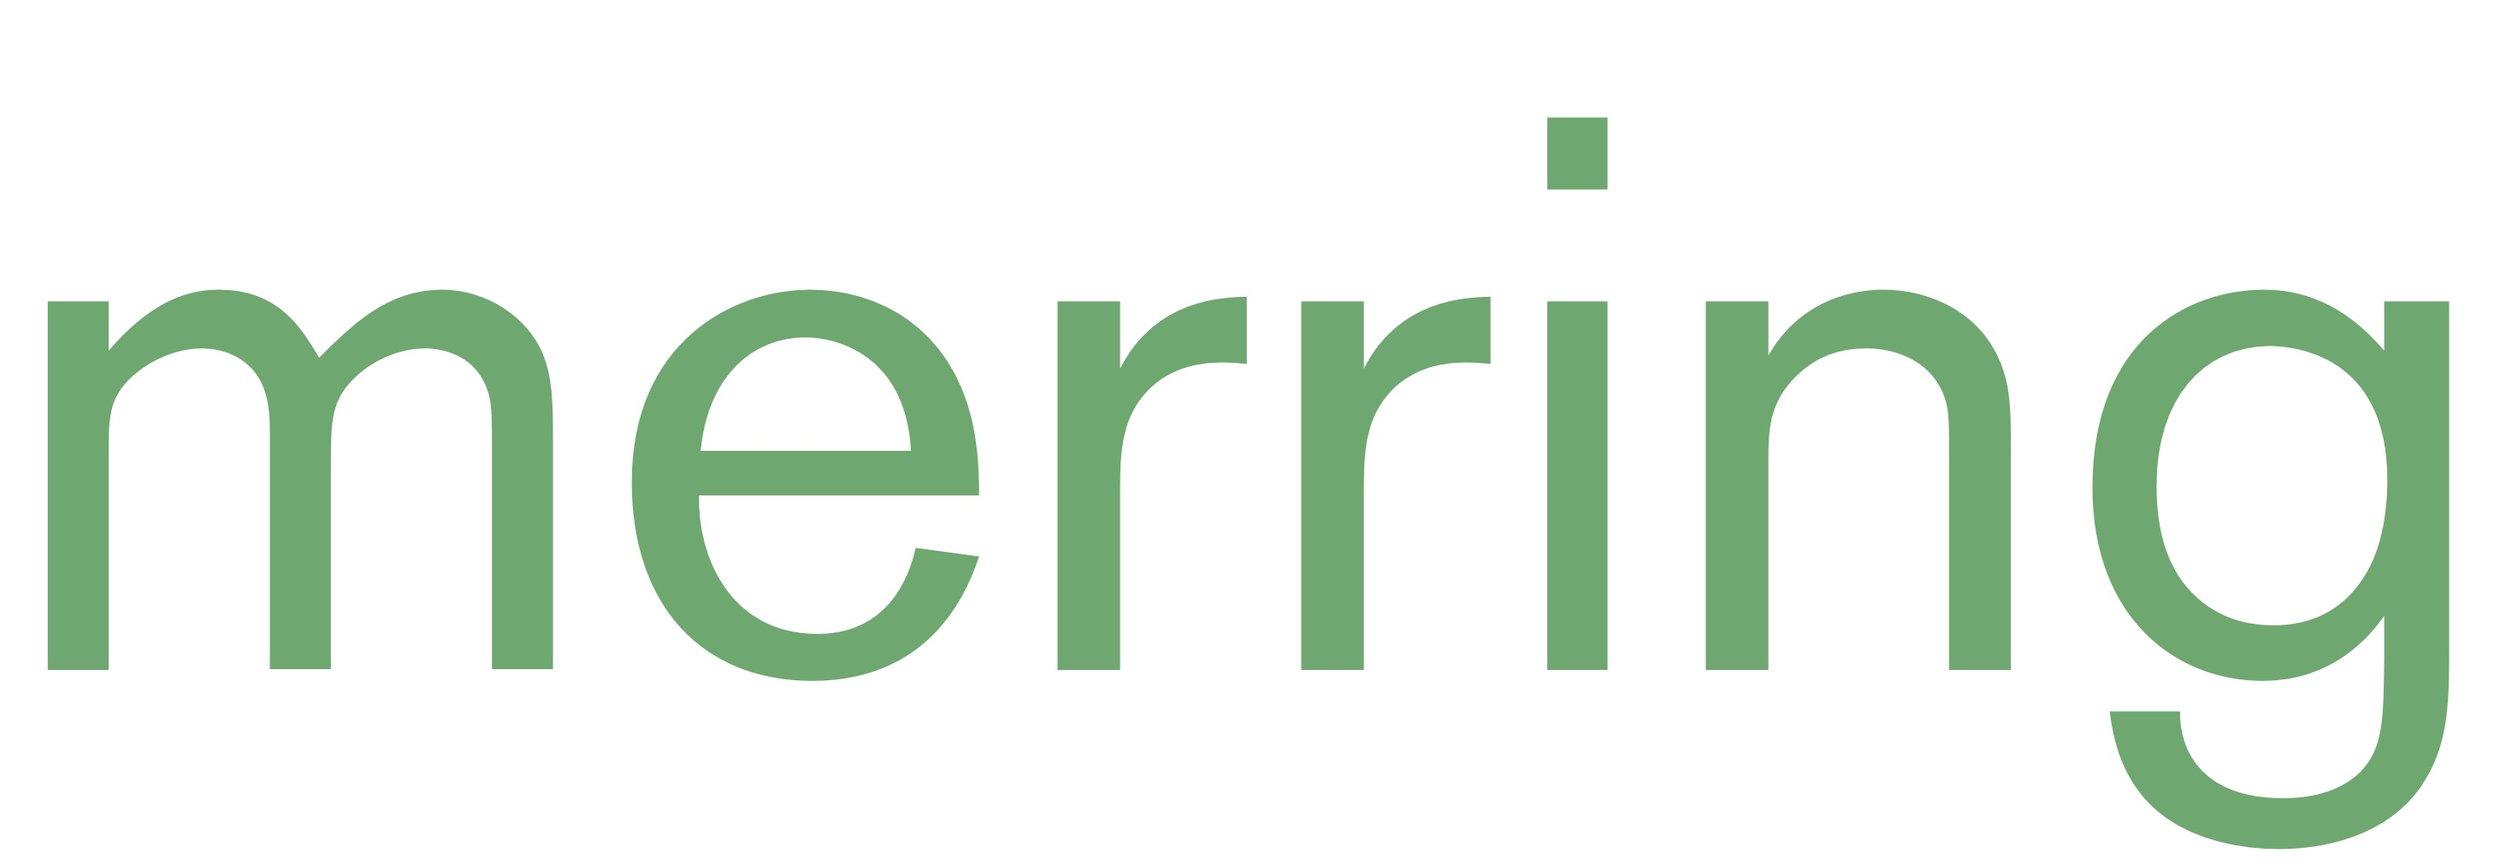 Merring Logo .jpg